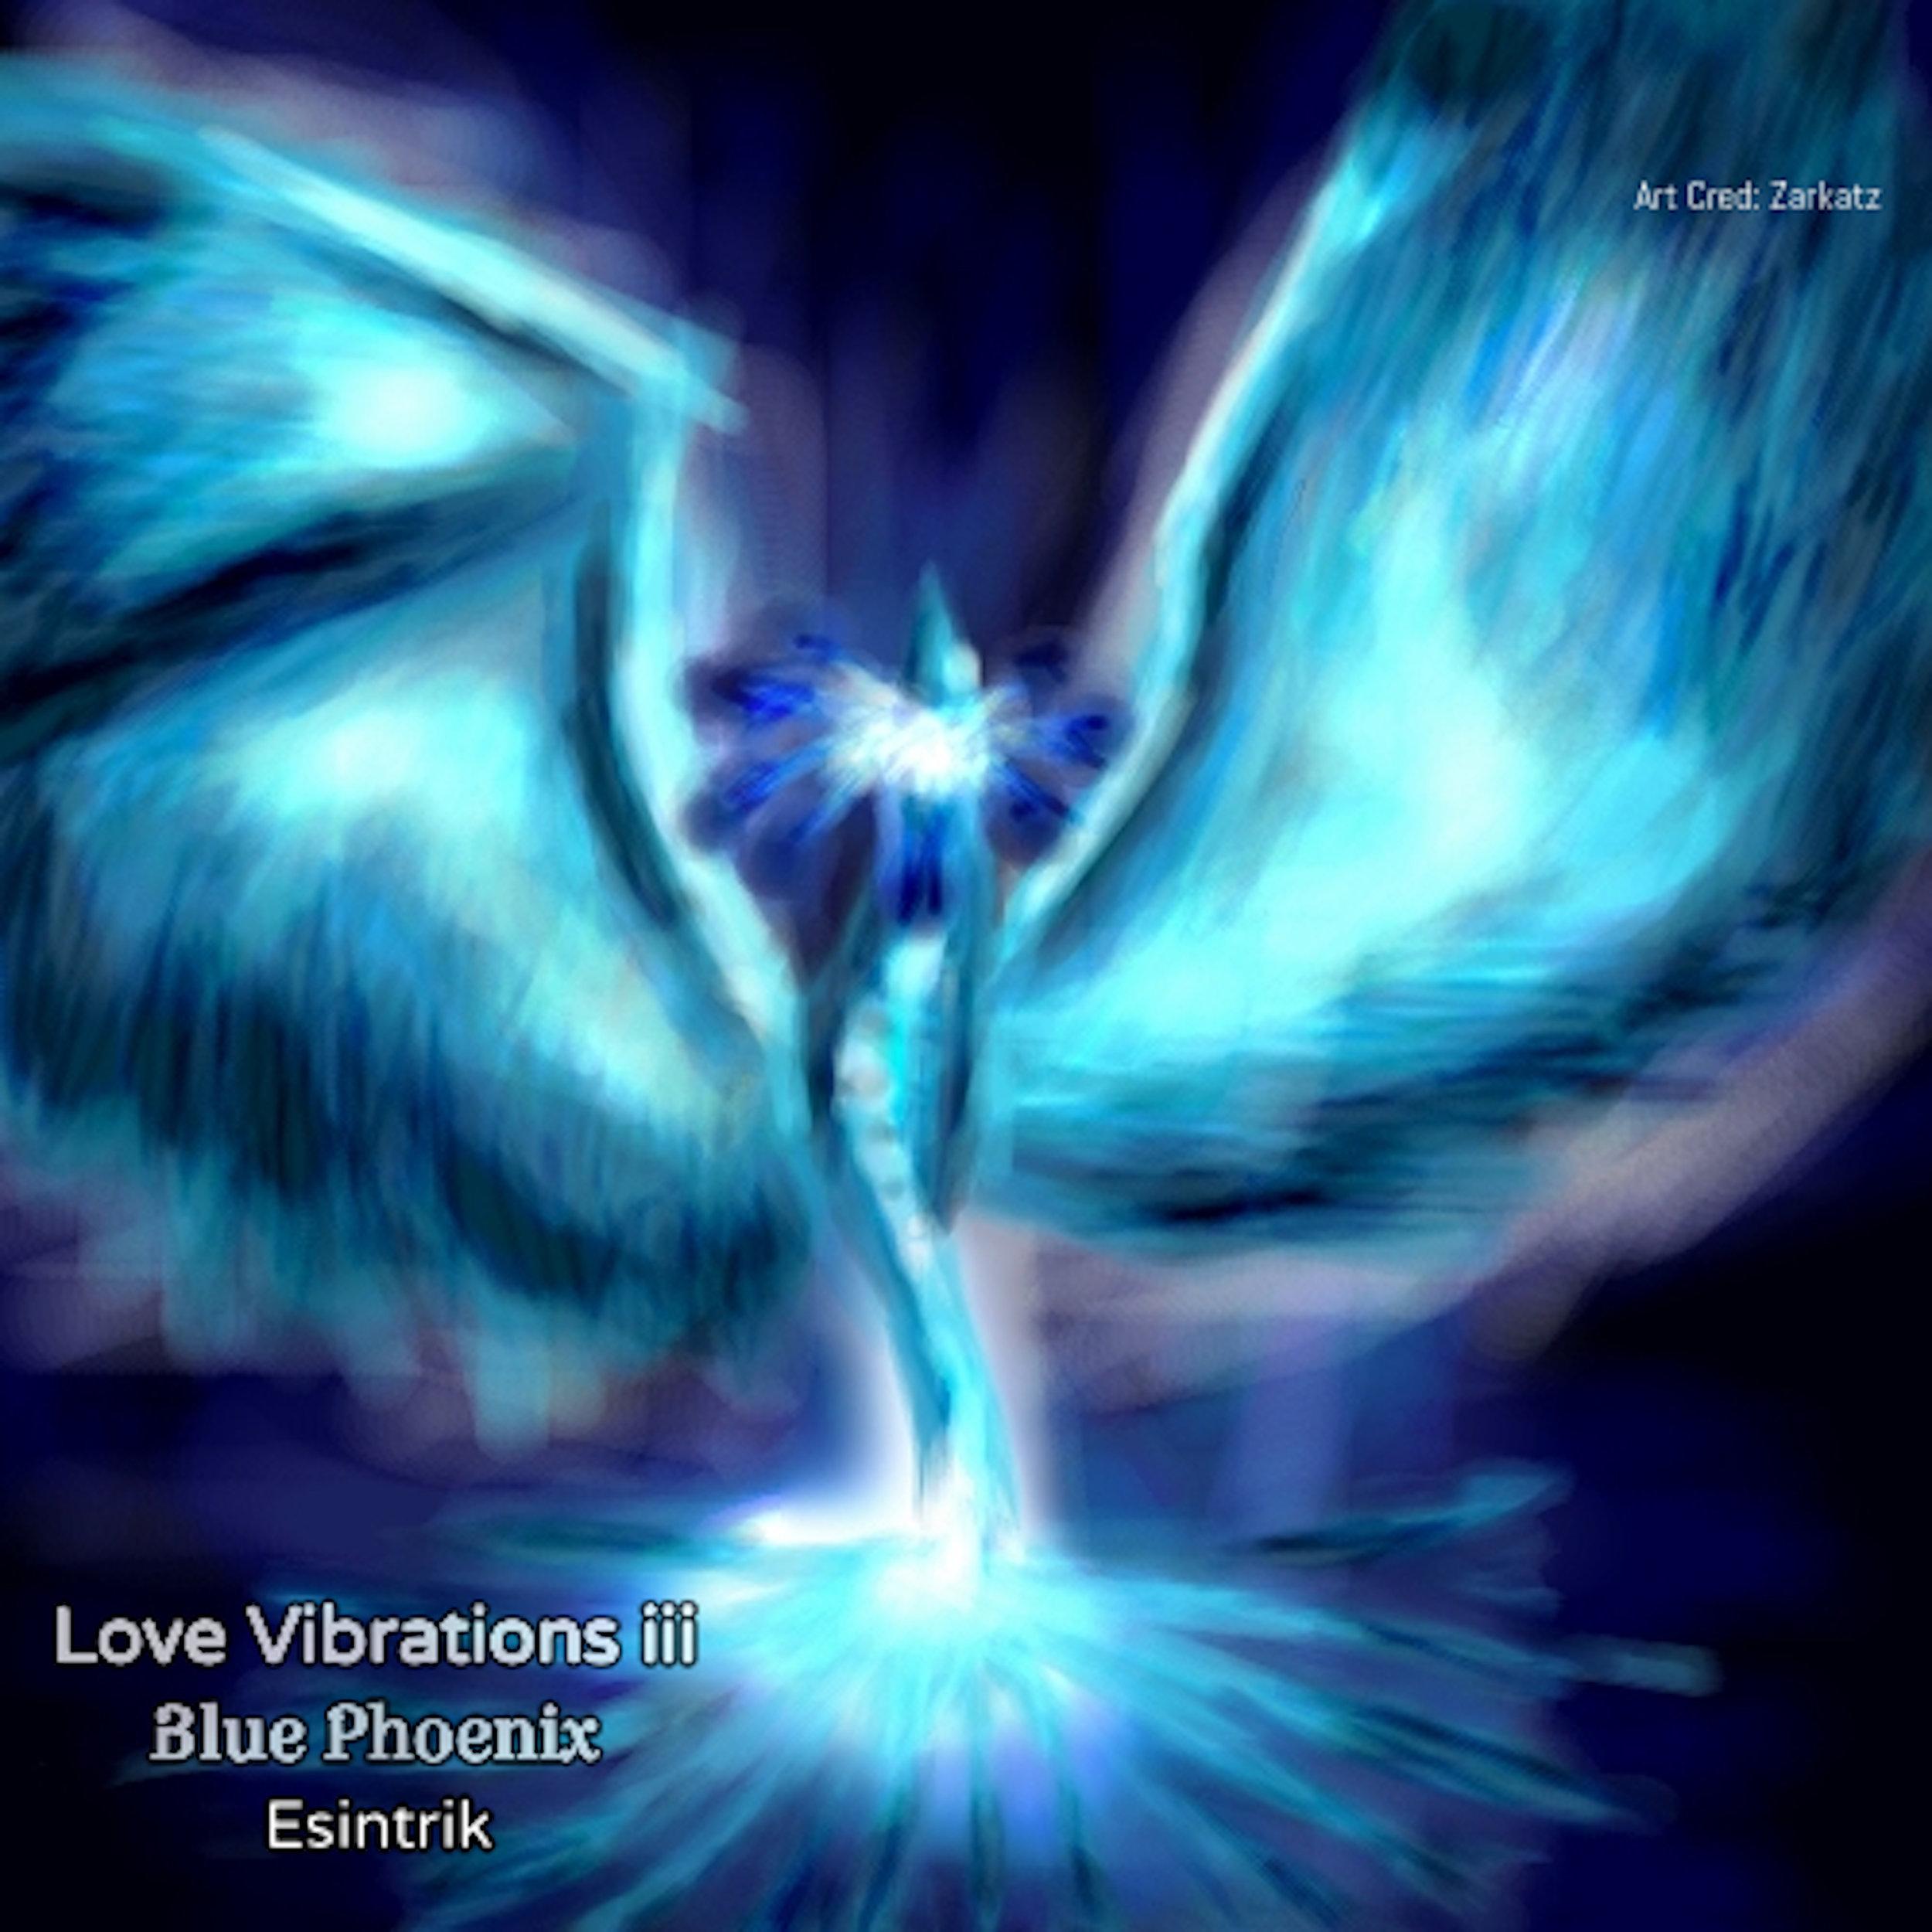 Love Vibrations iii